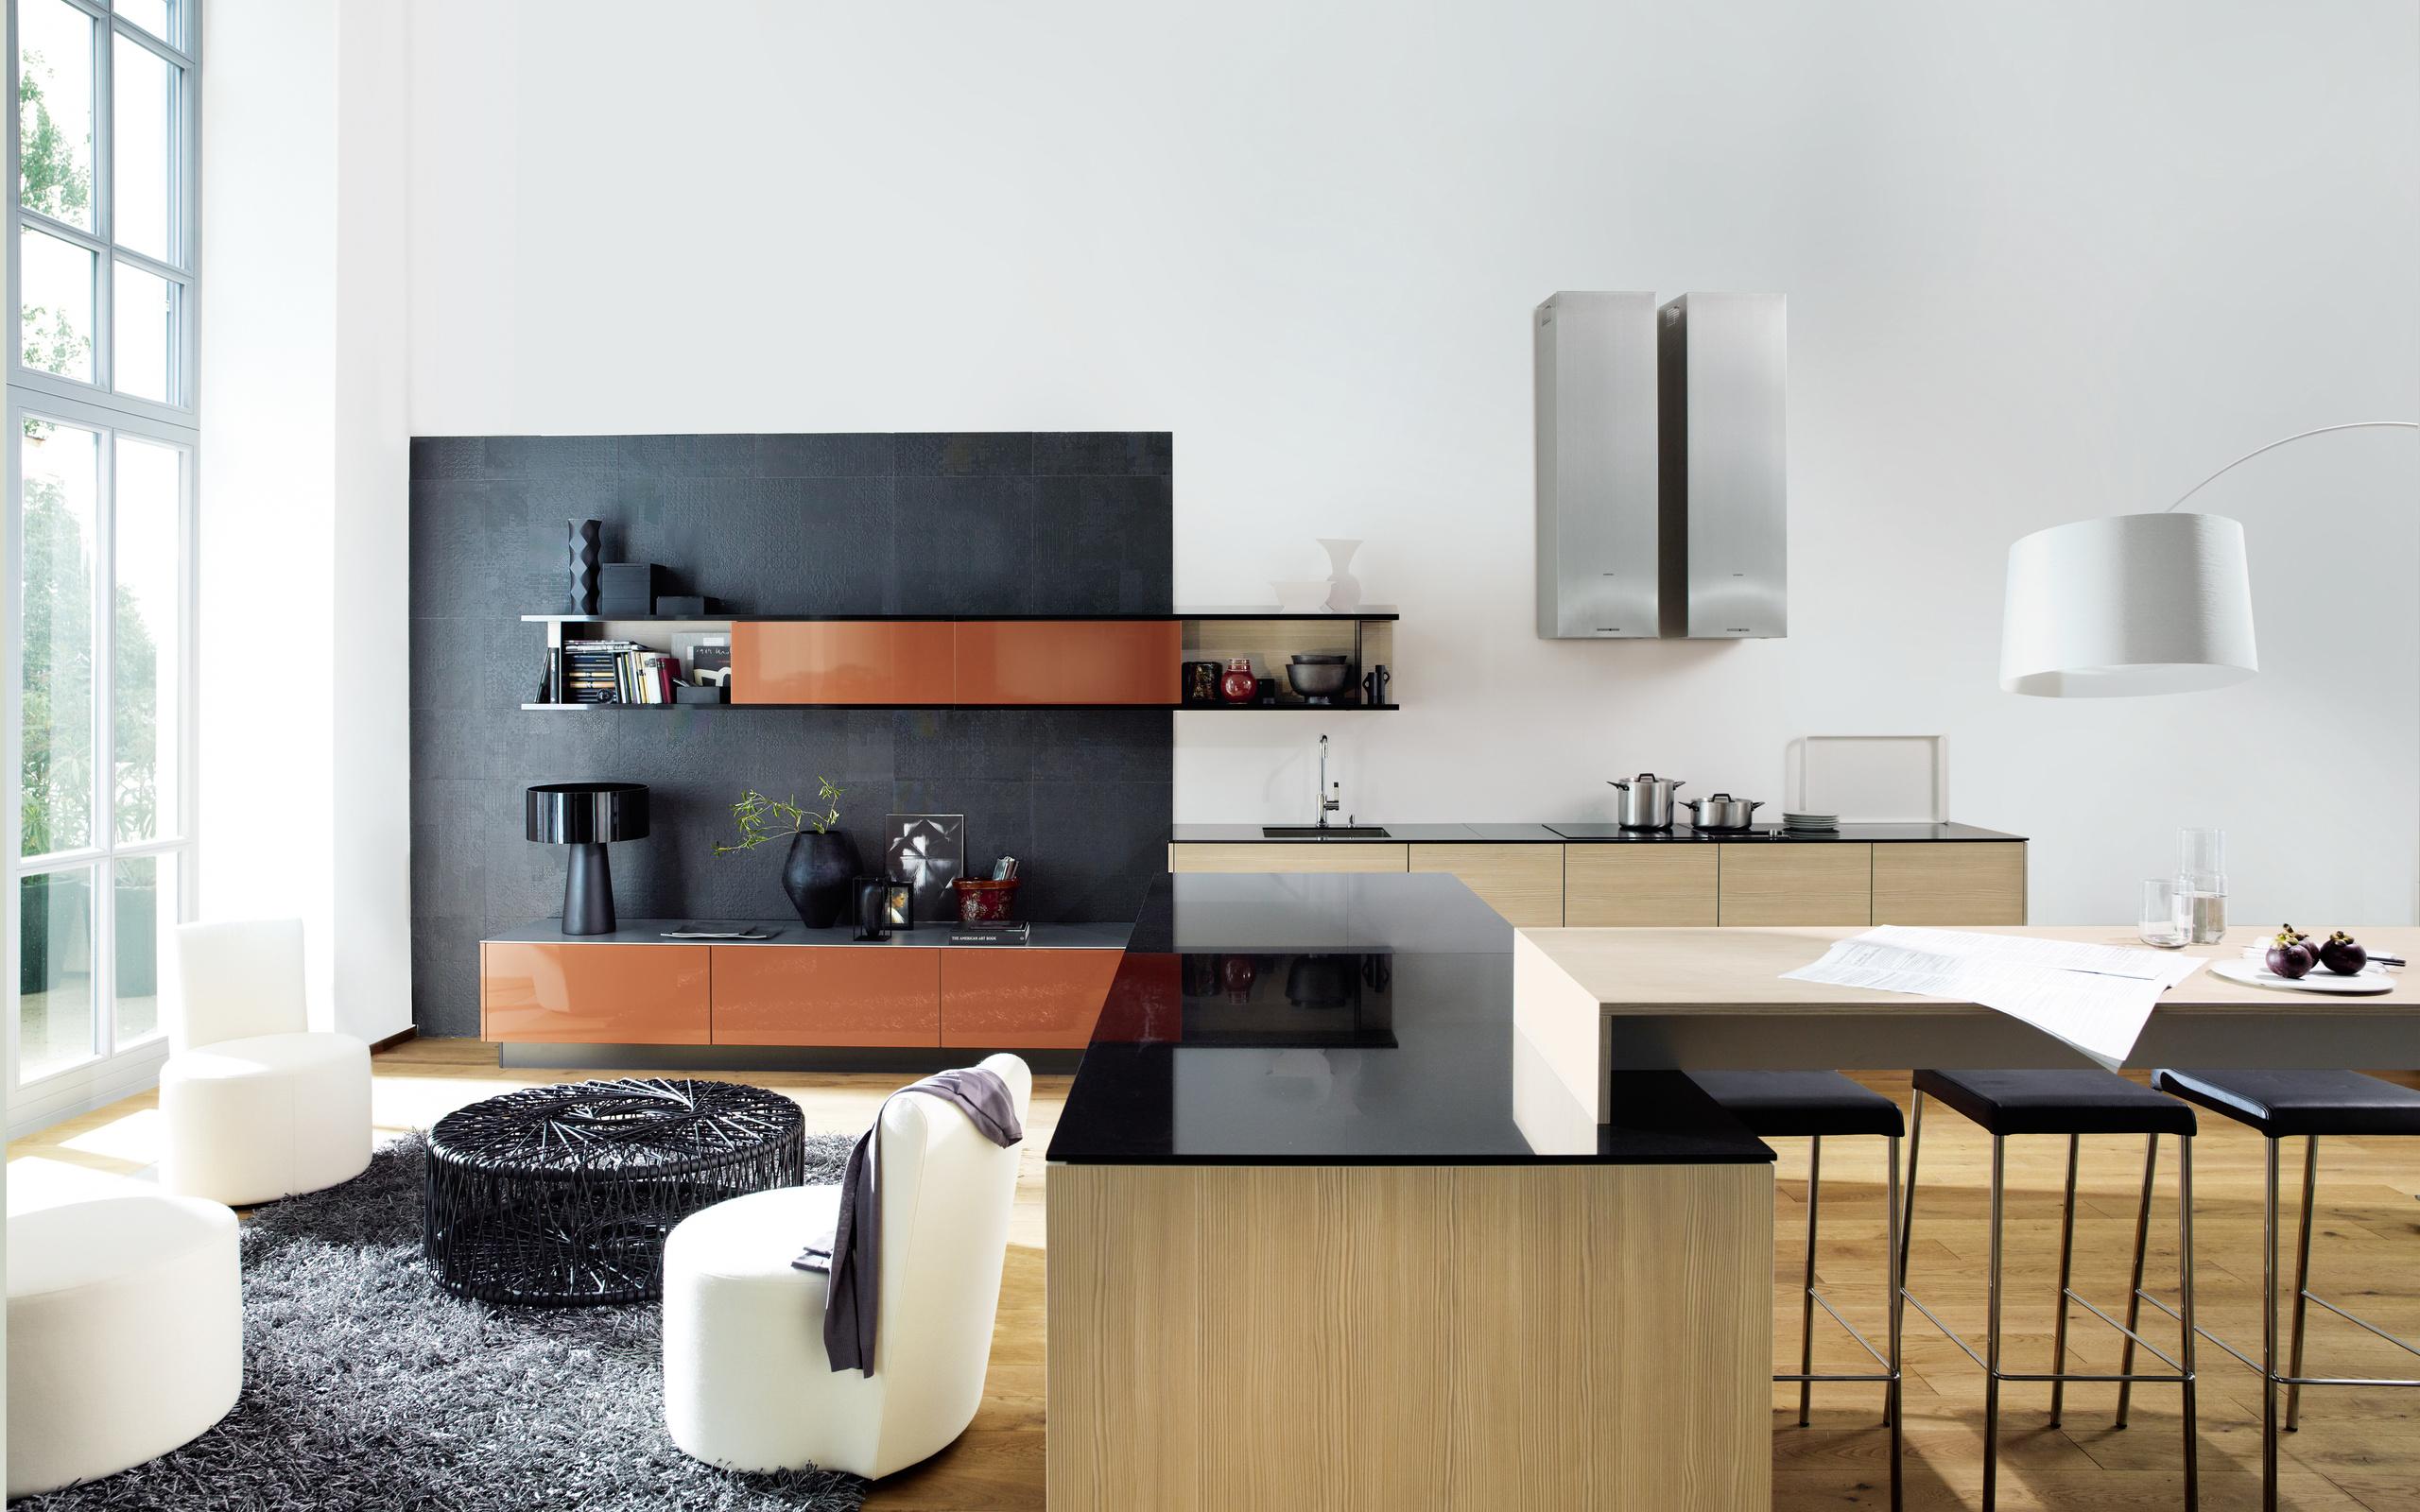 стильная кухня  № 541849 без смс